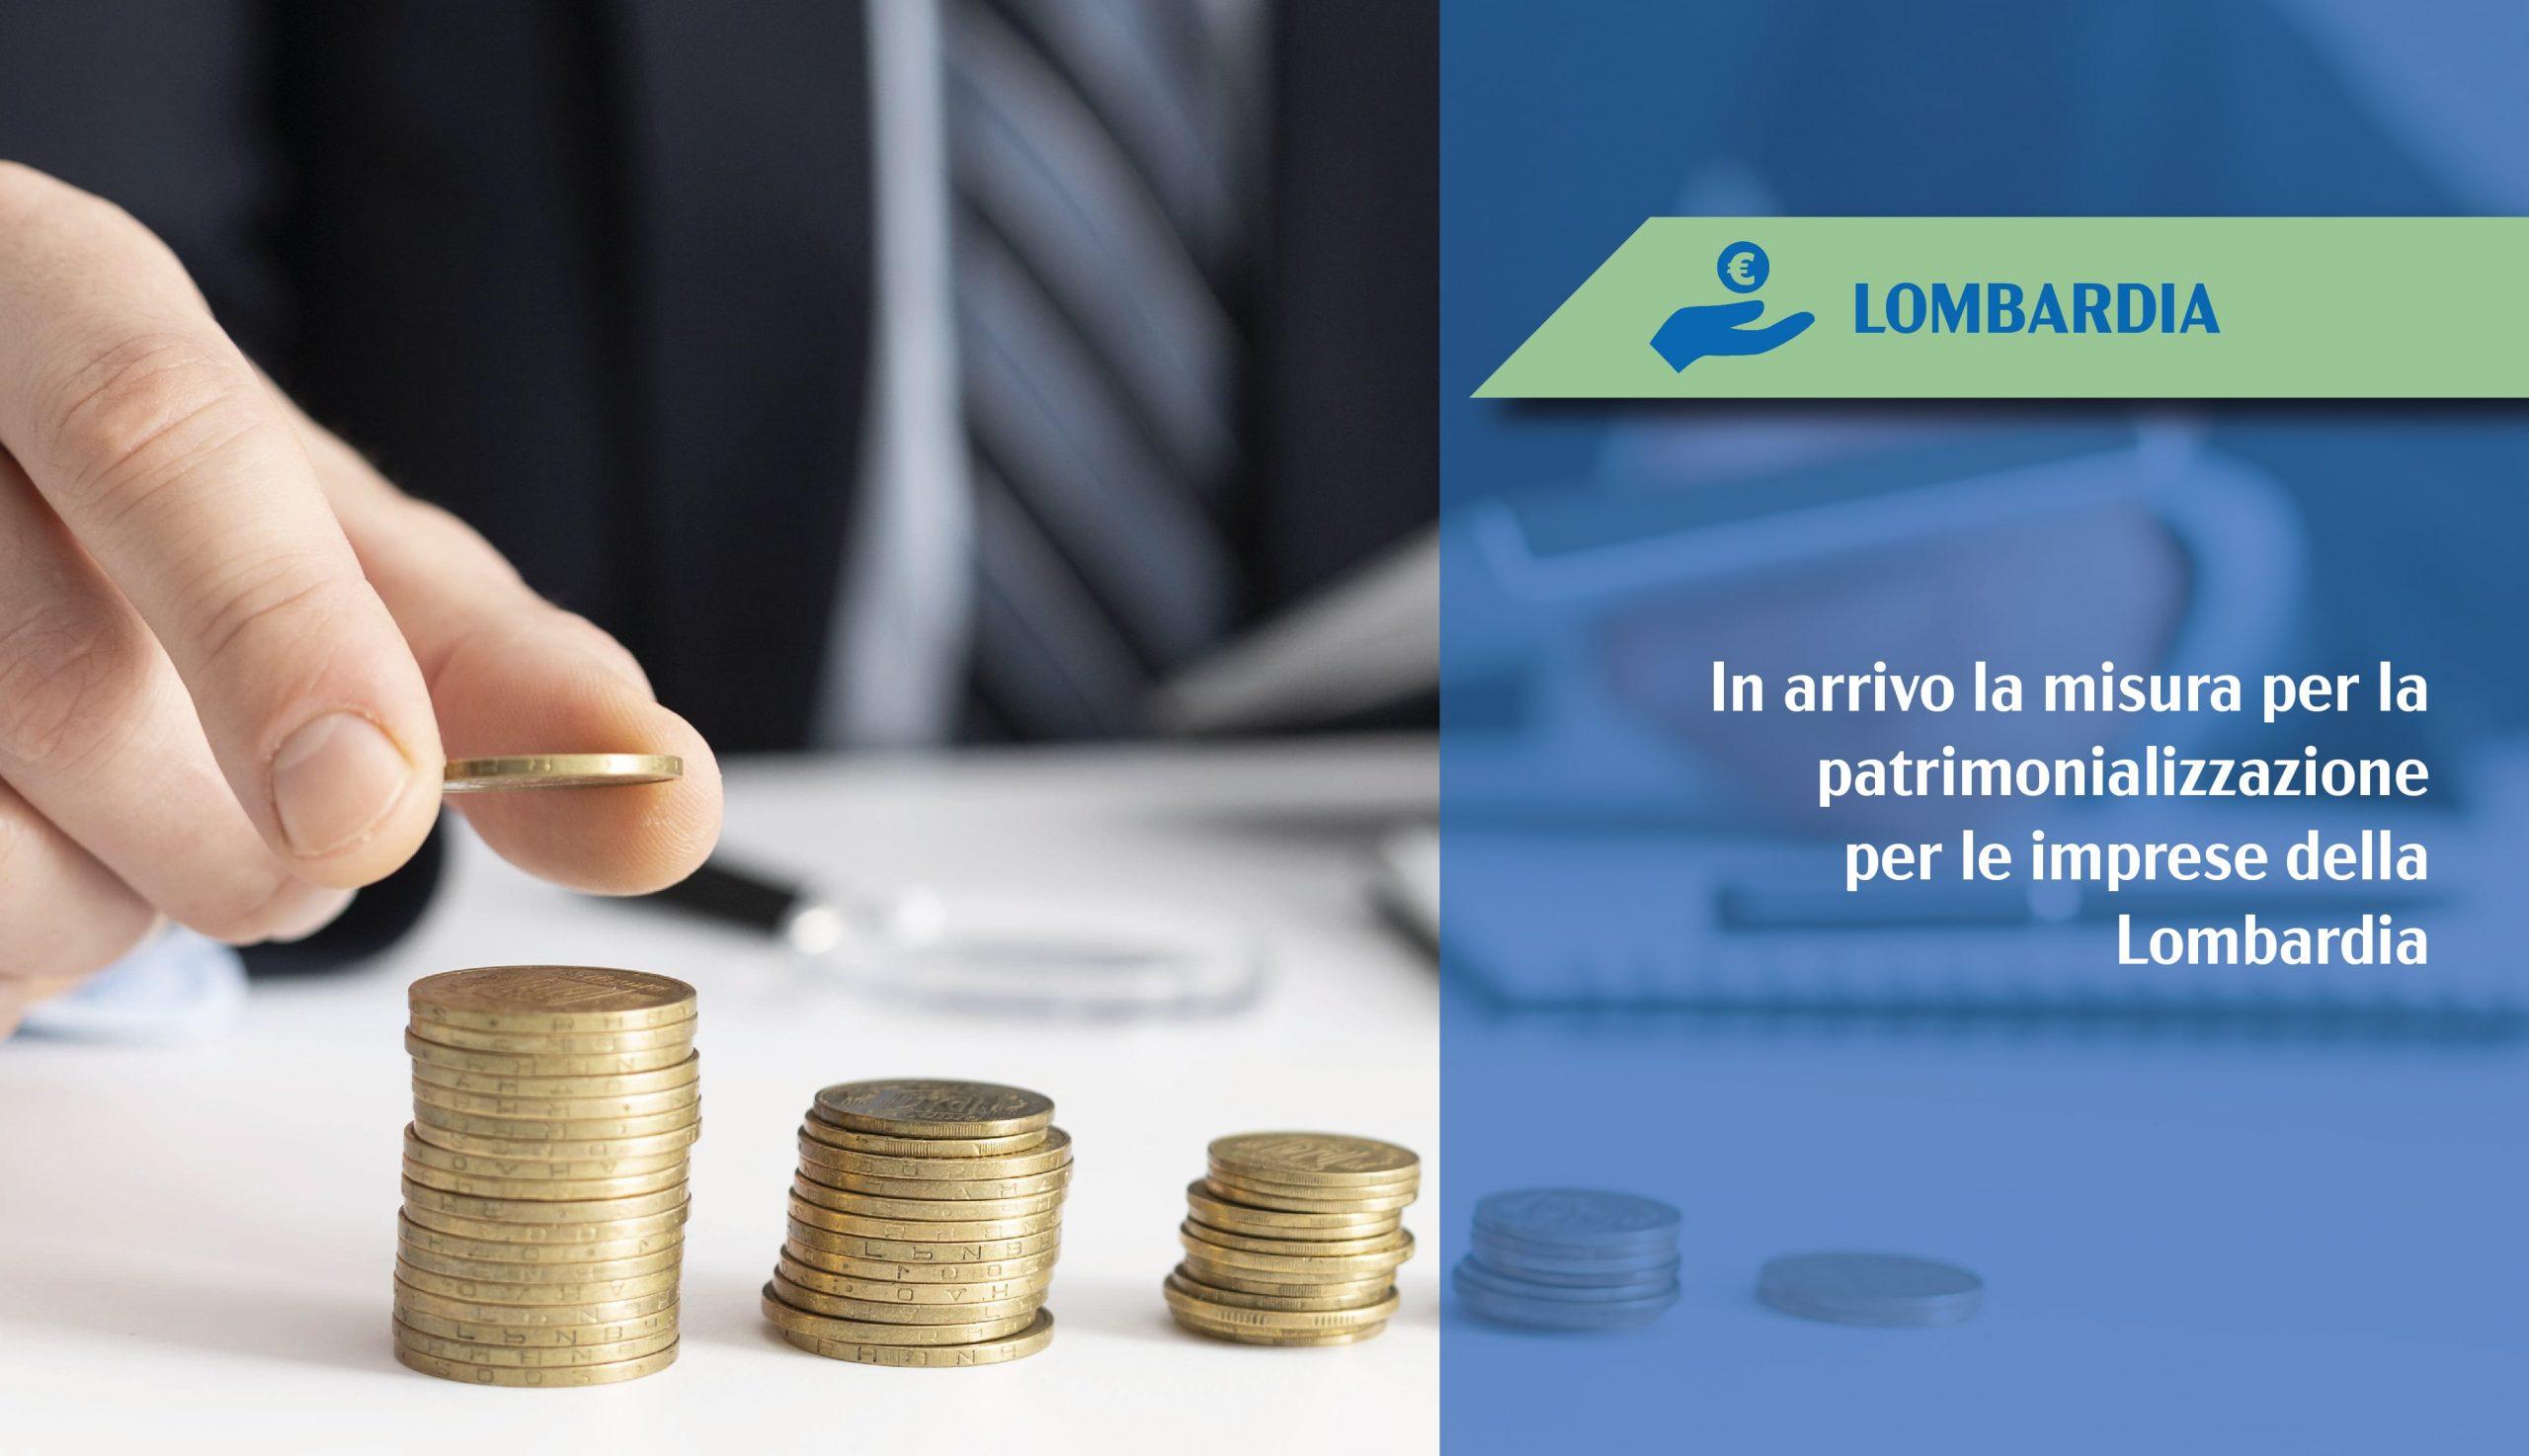 Patrimonializzazione imprese Lombardia